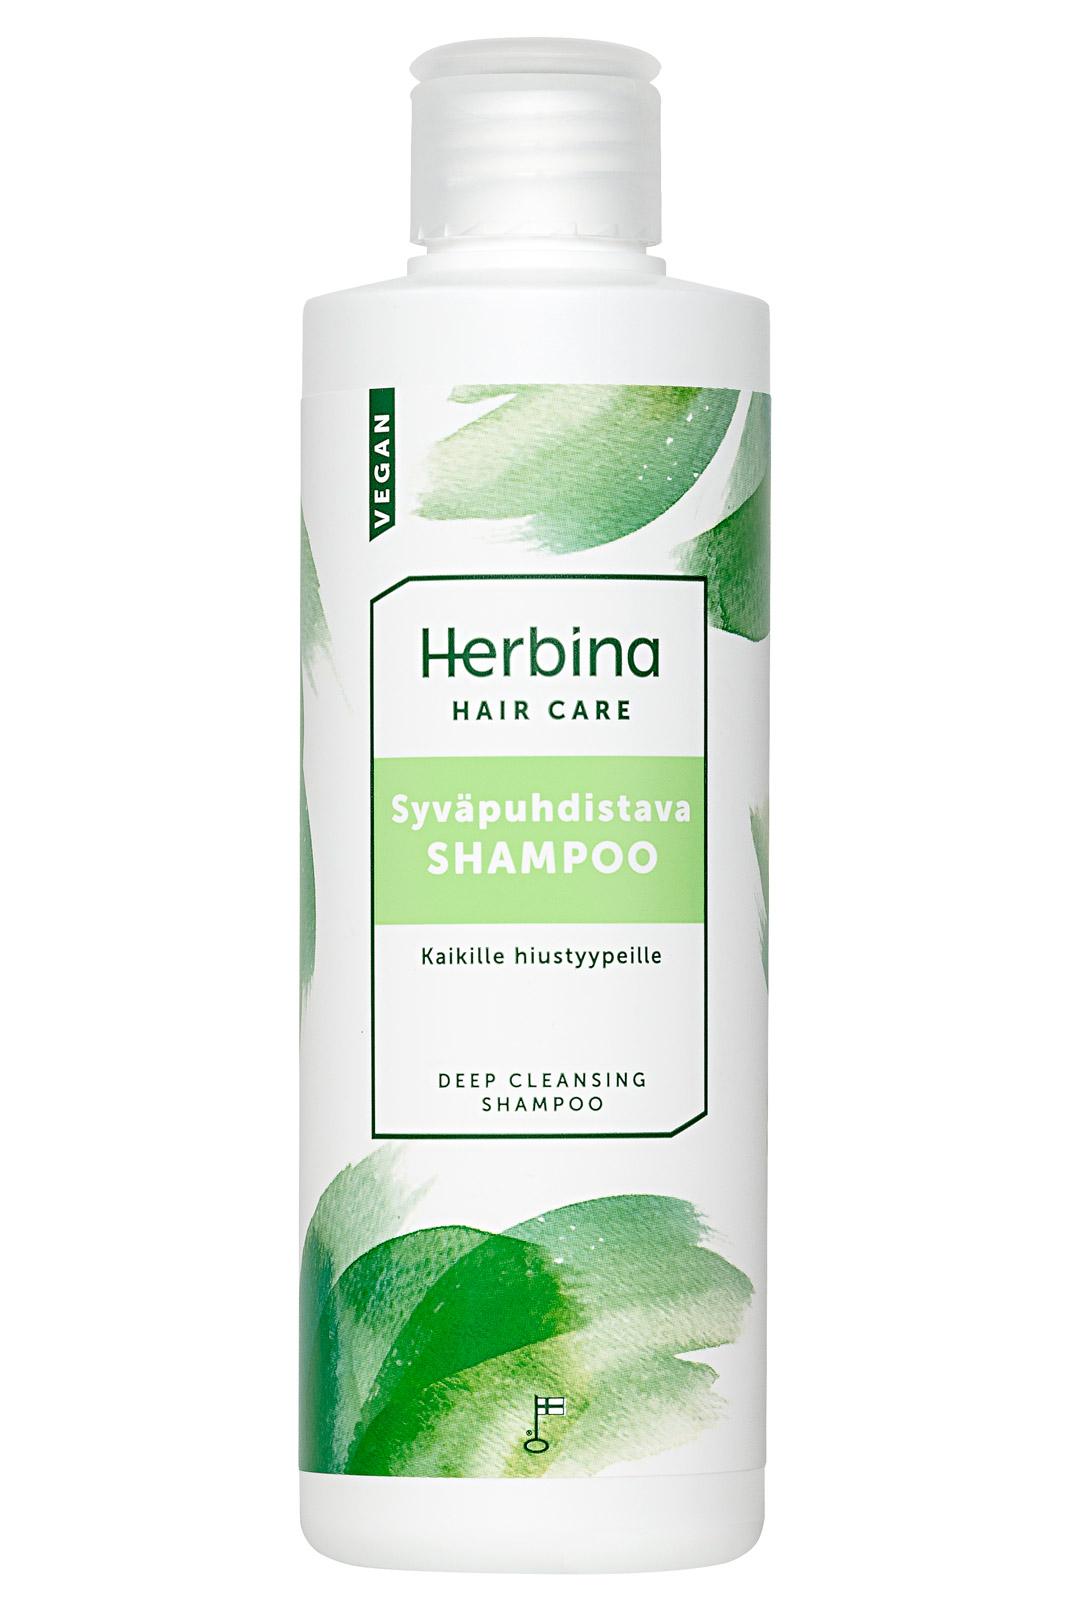 Herbina Syväpuhdistava sampoo